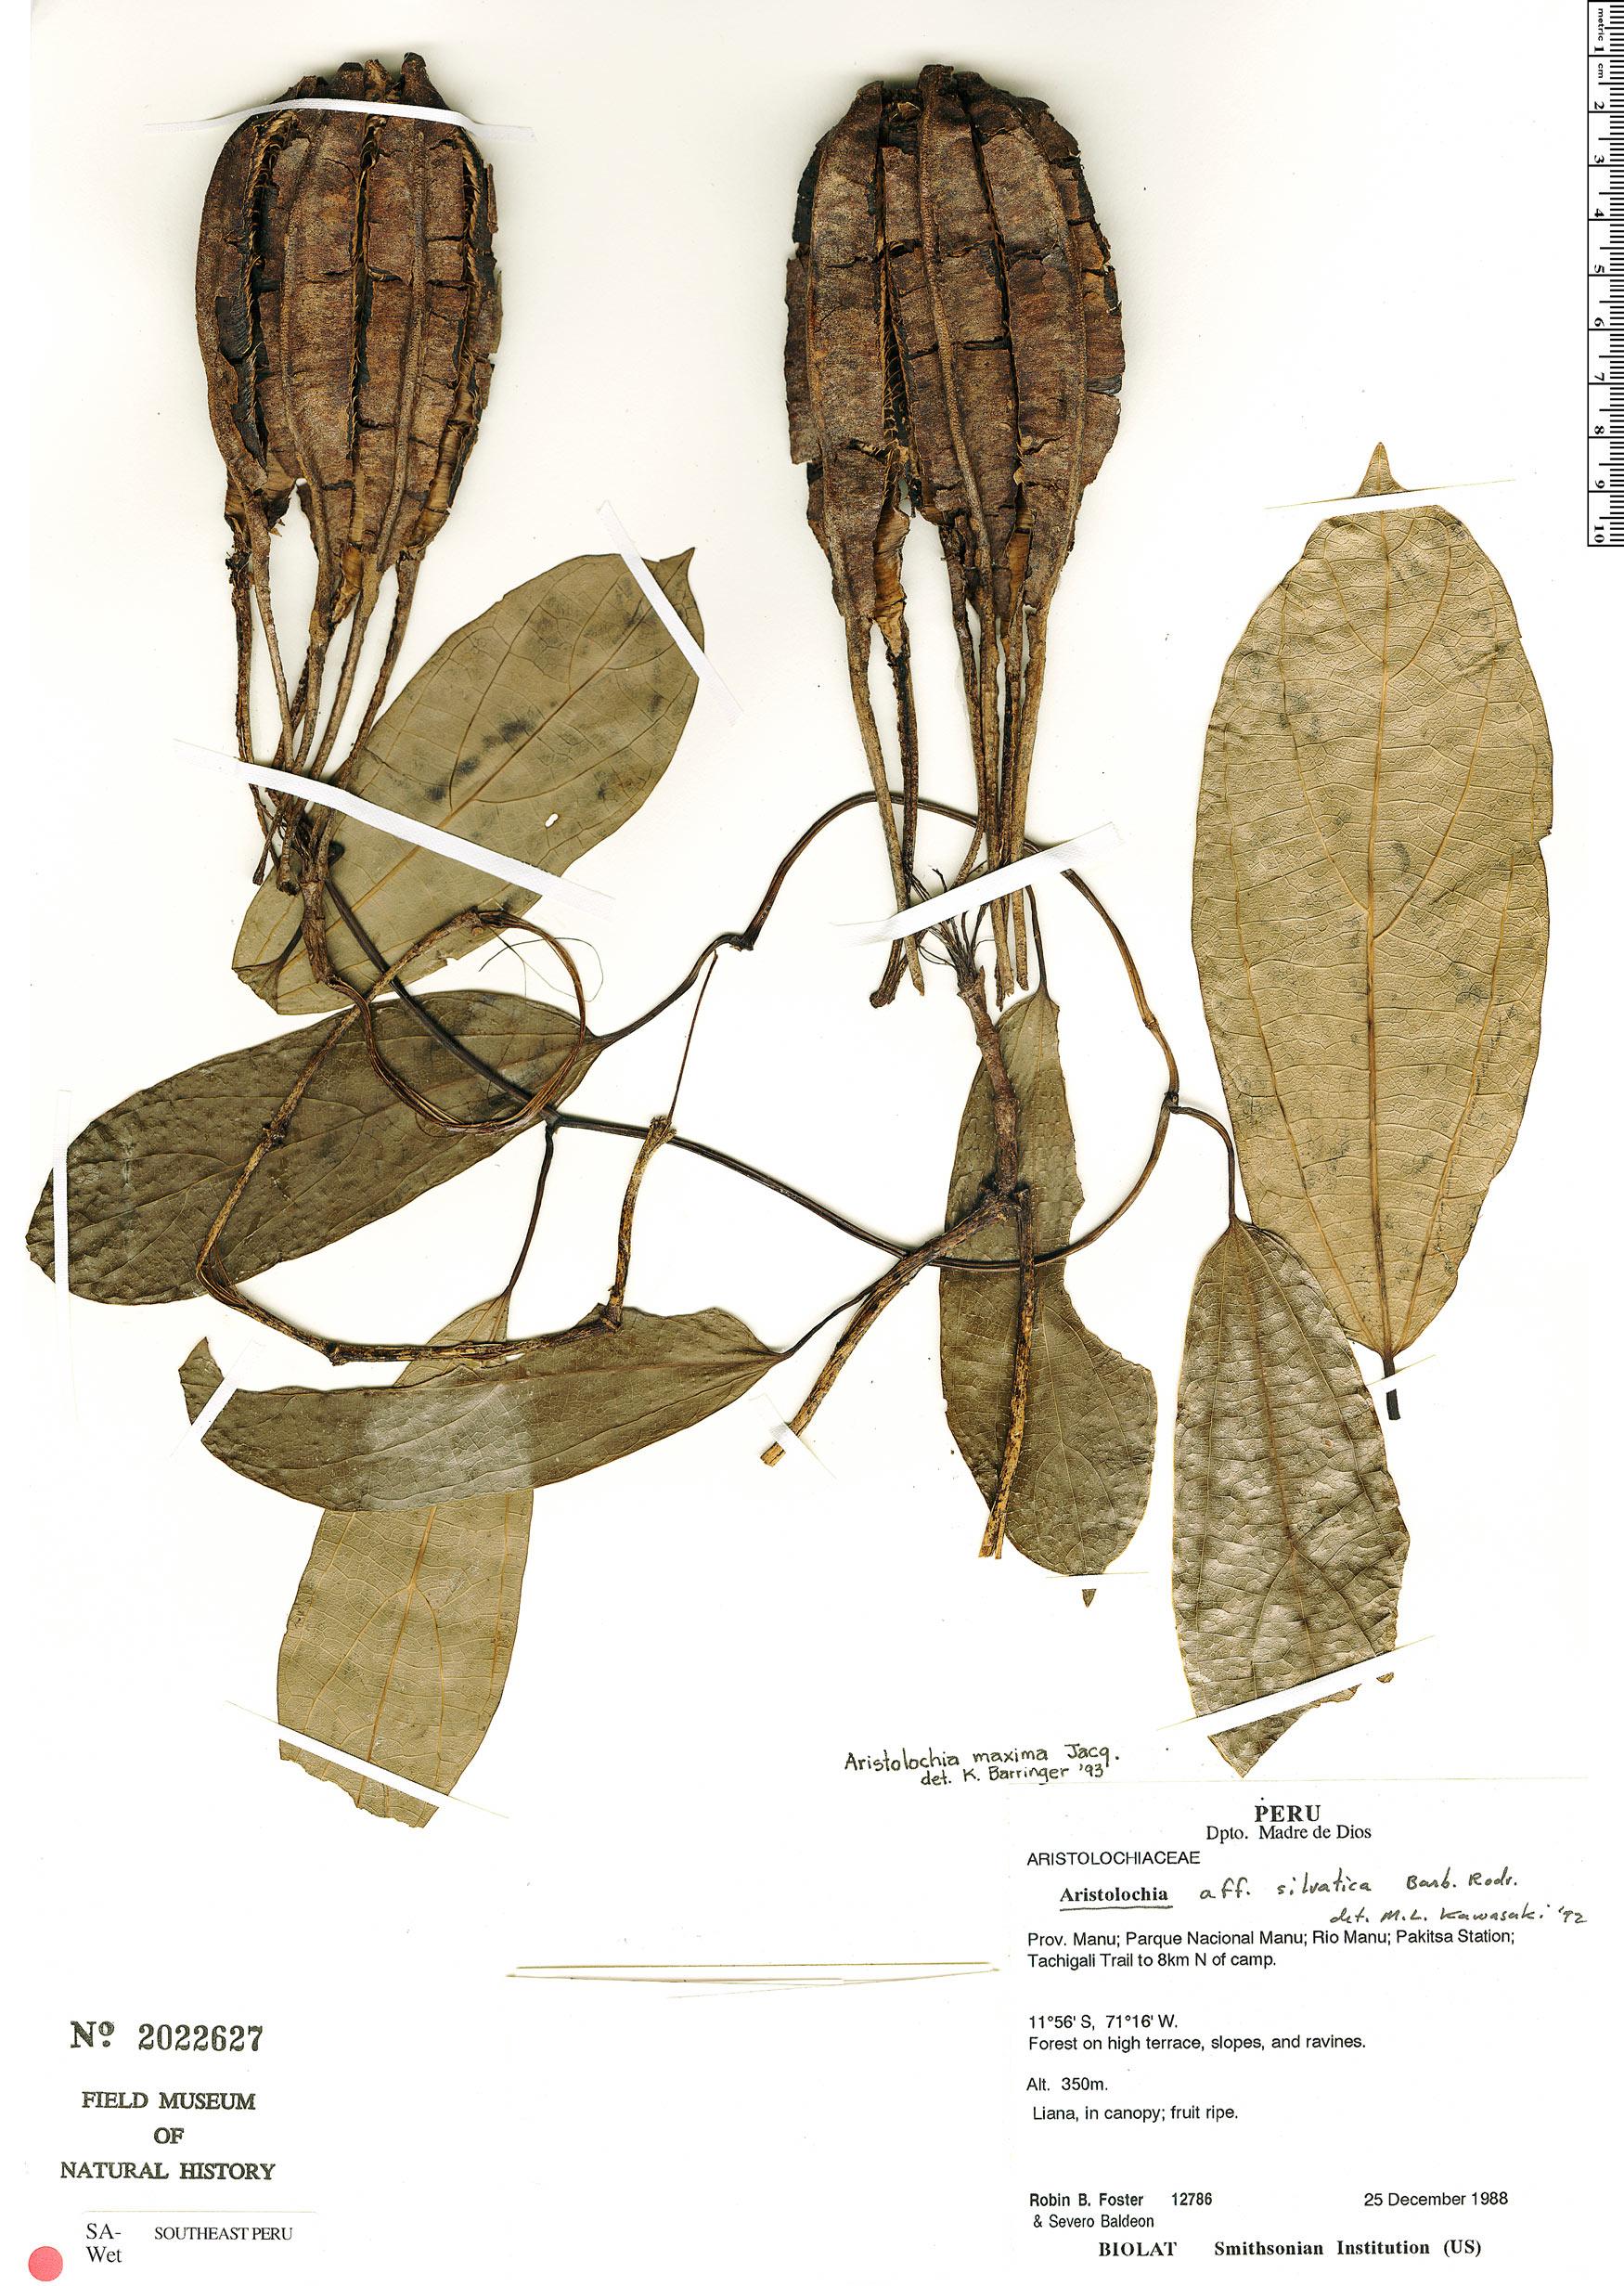 Specimen: Aristolochia maxima